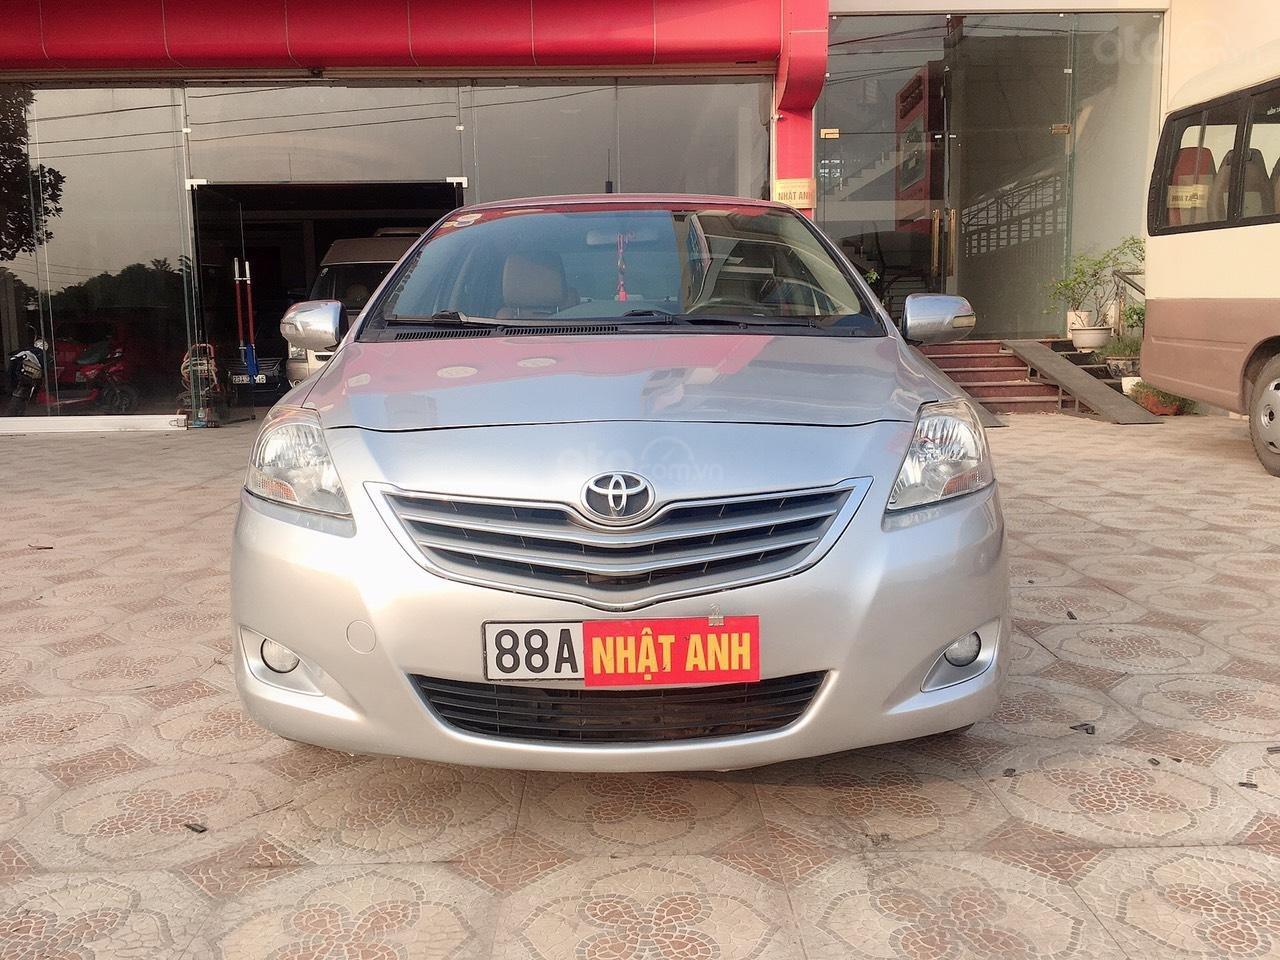 Bán Toyota Vios đời 2010 giá cực rẻ (1)